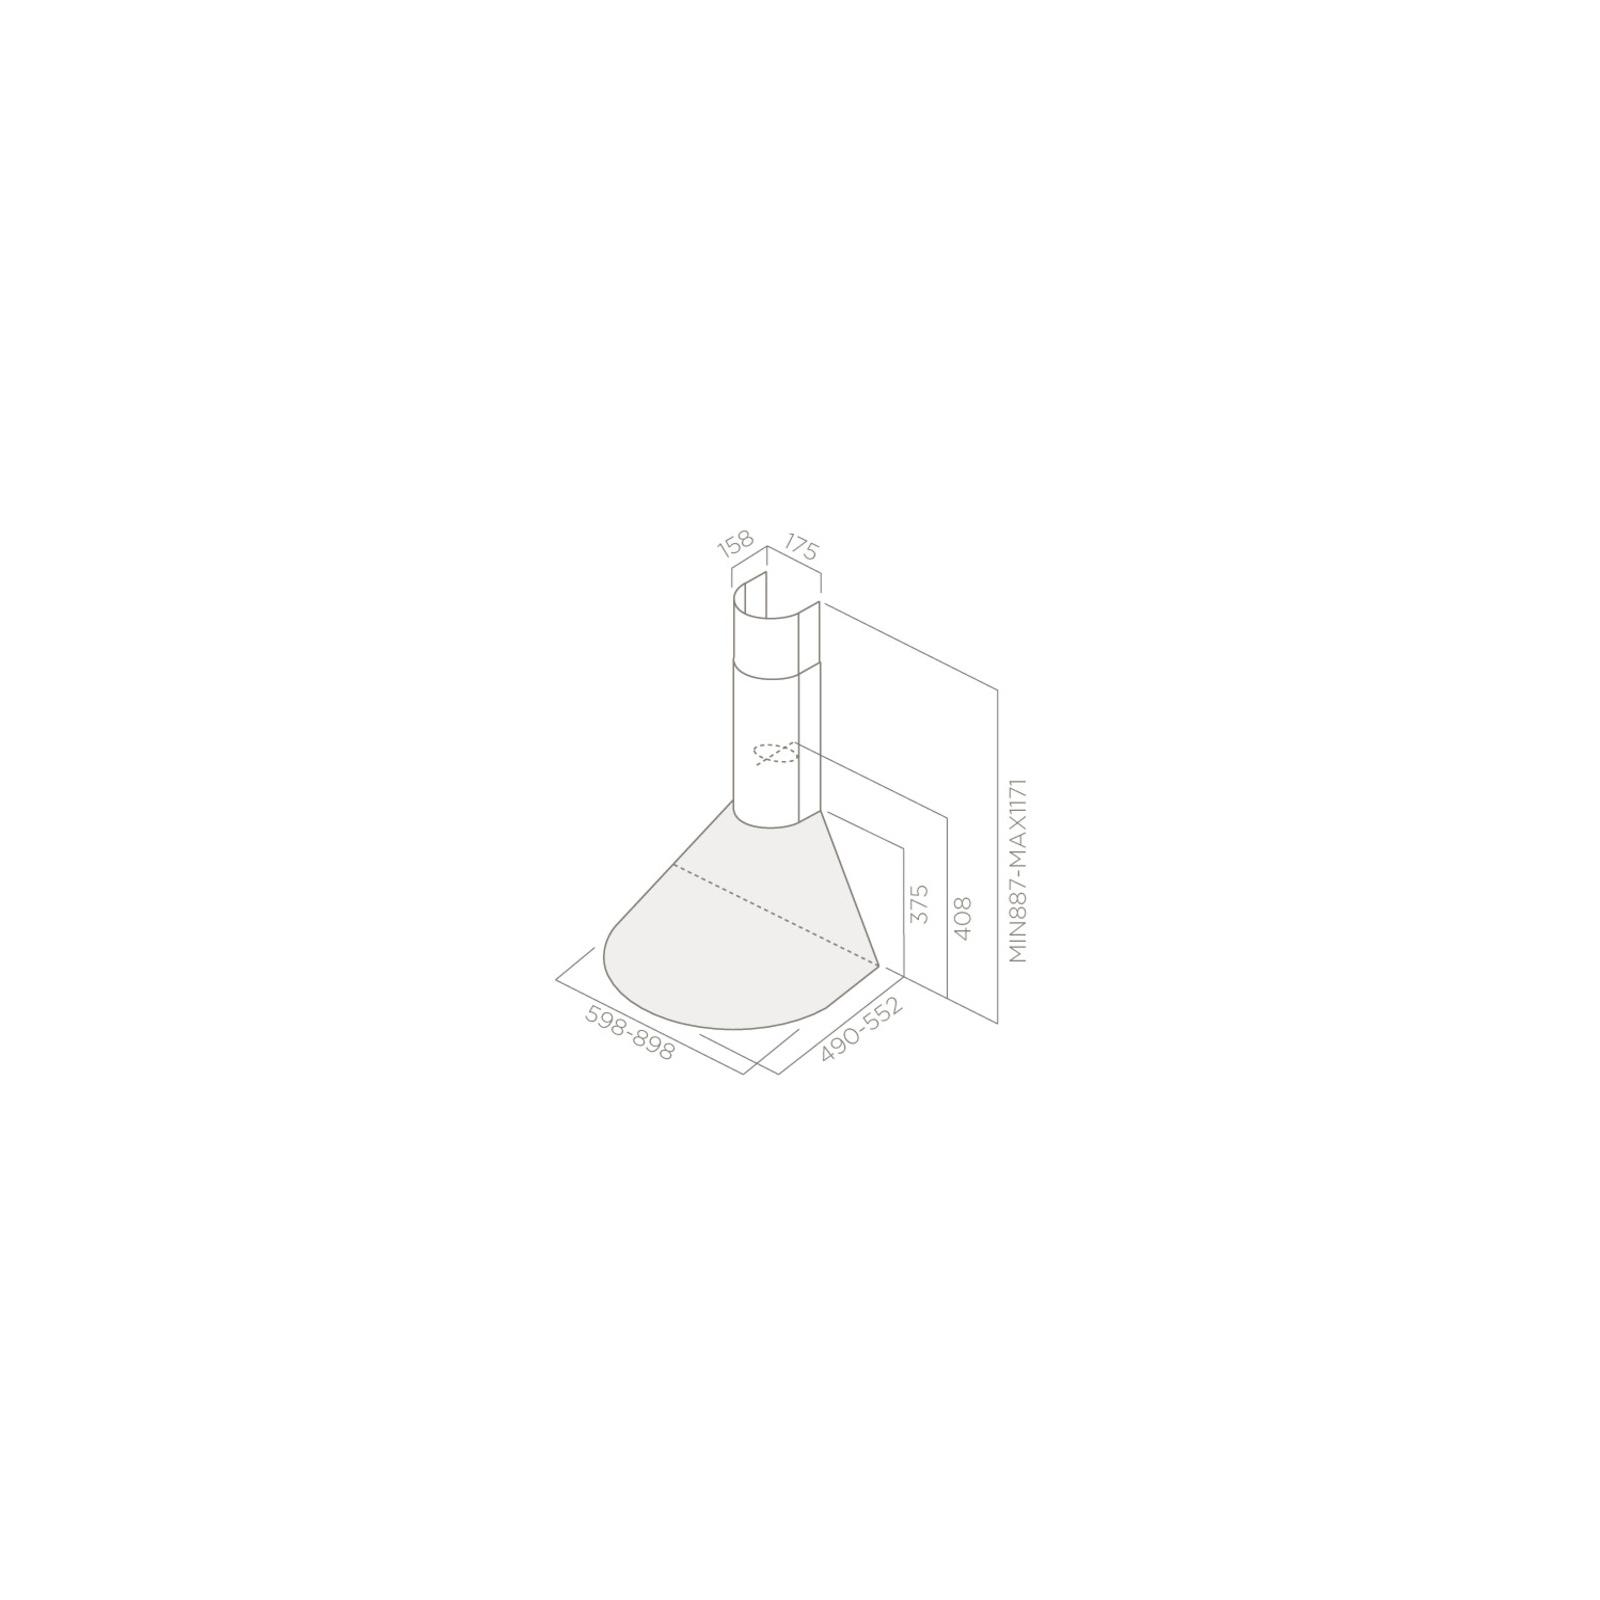 Вытяжка кухонная Elica TONDA WH F/60 изображение 2